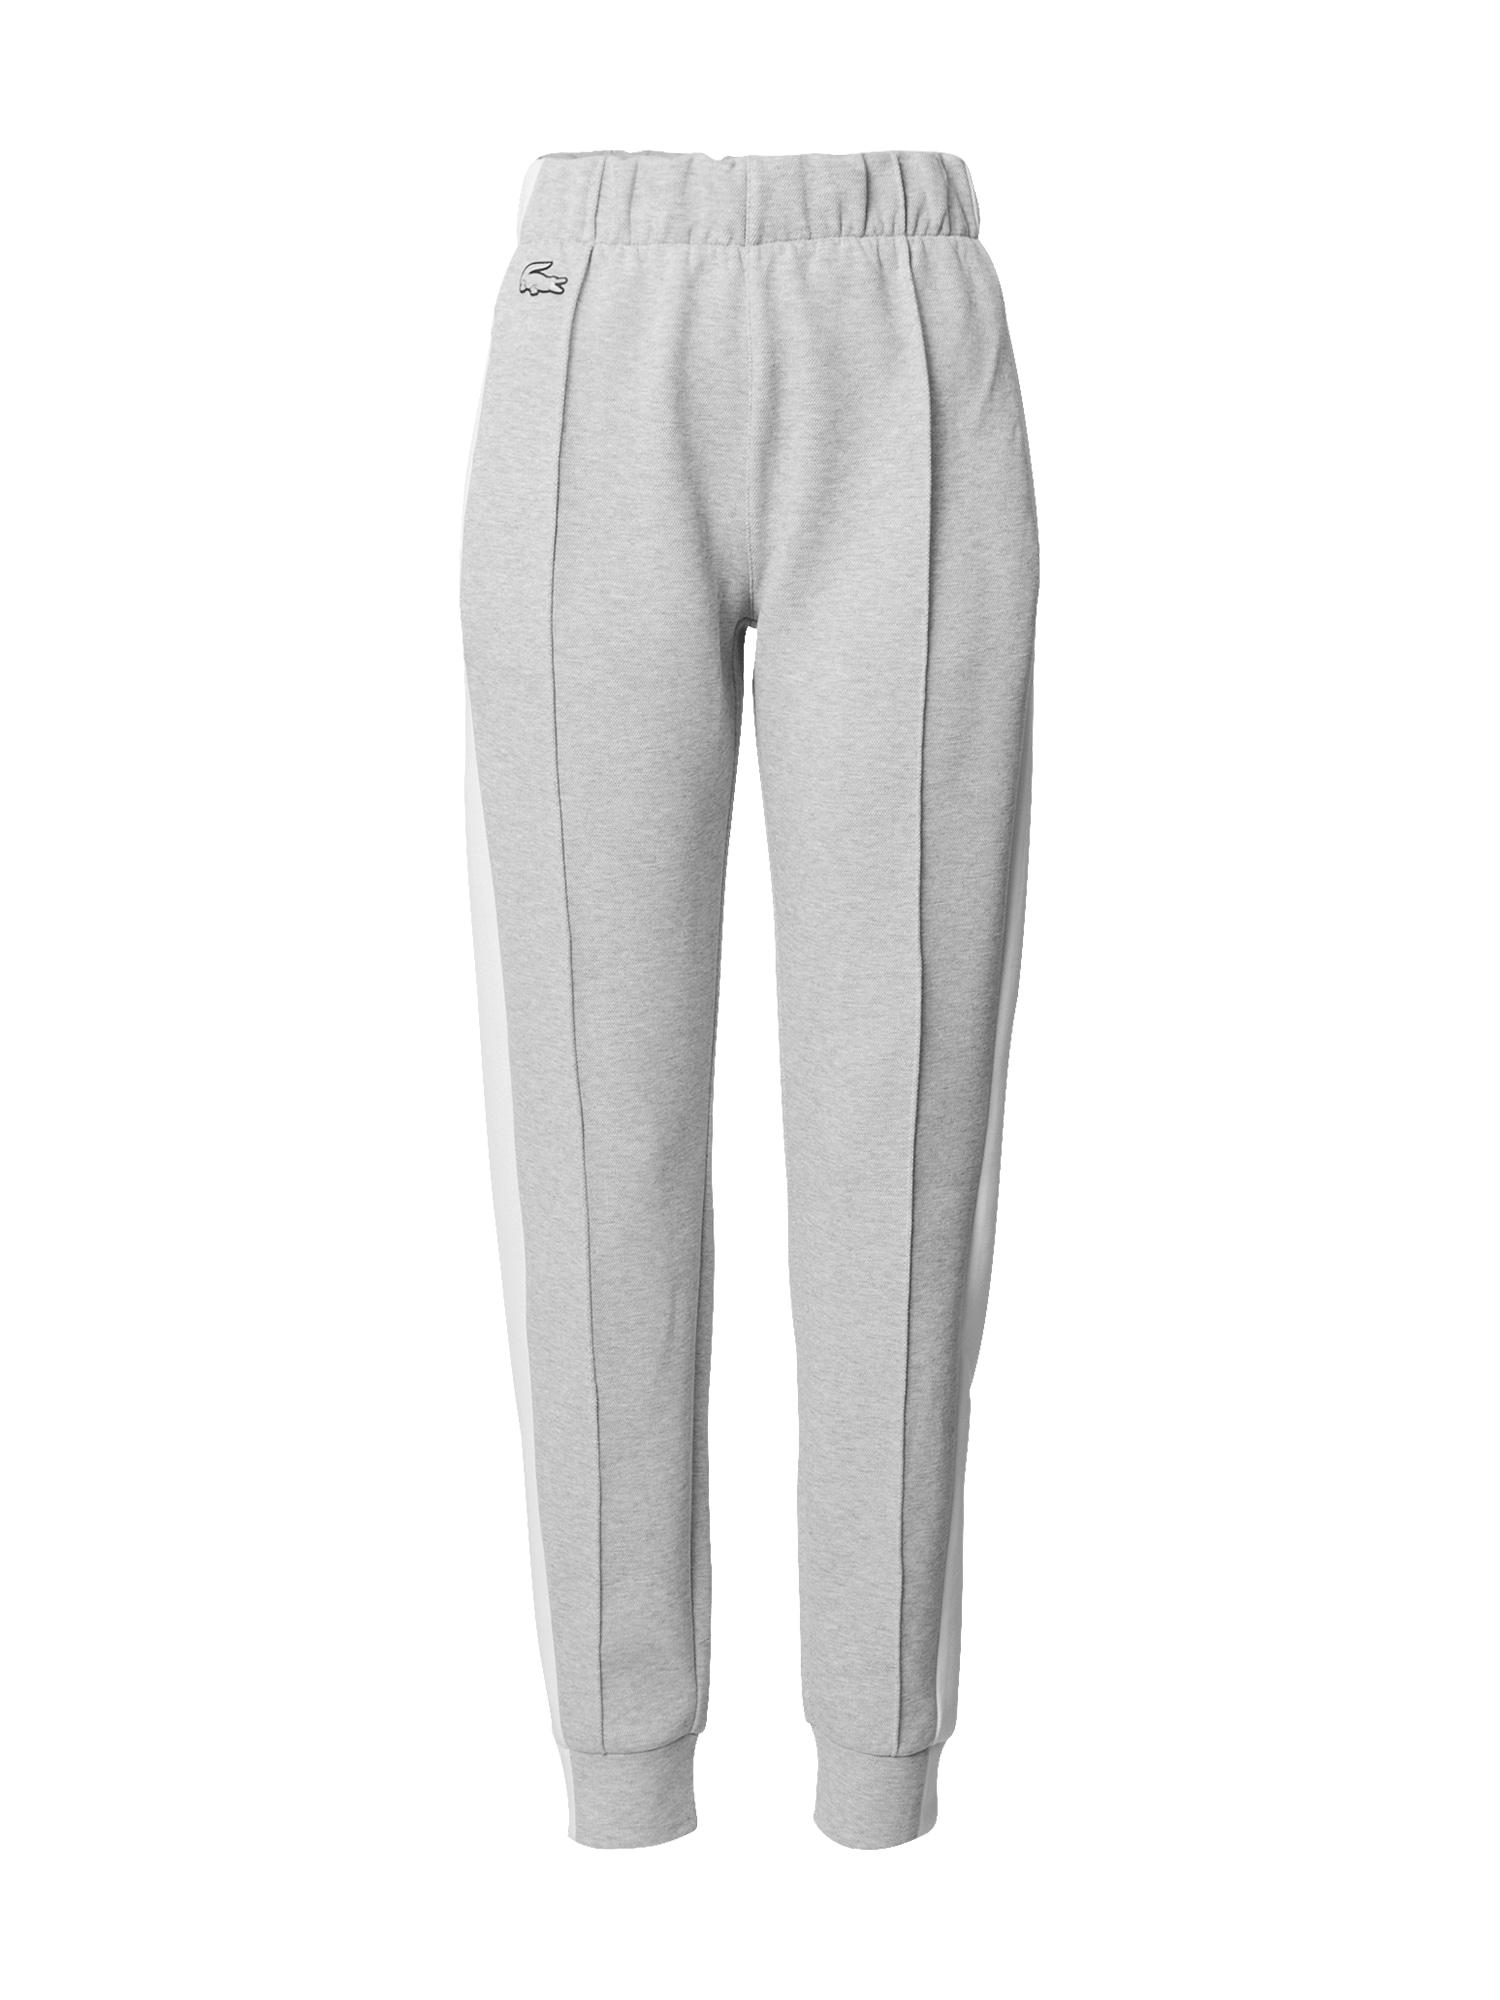 LACOSTE Kalhoty  šedá / bílá